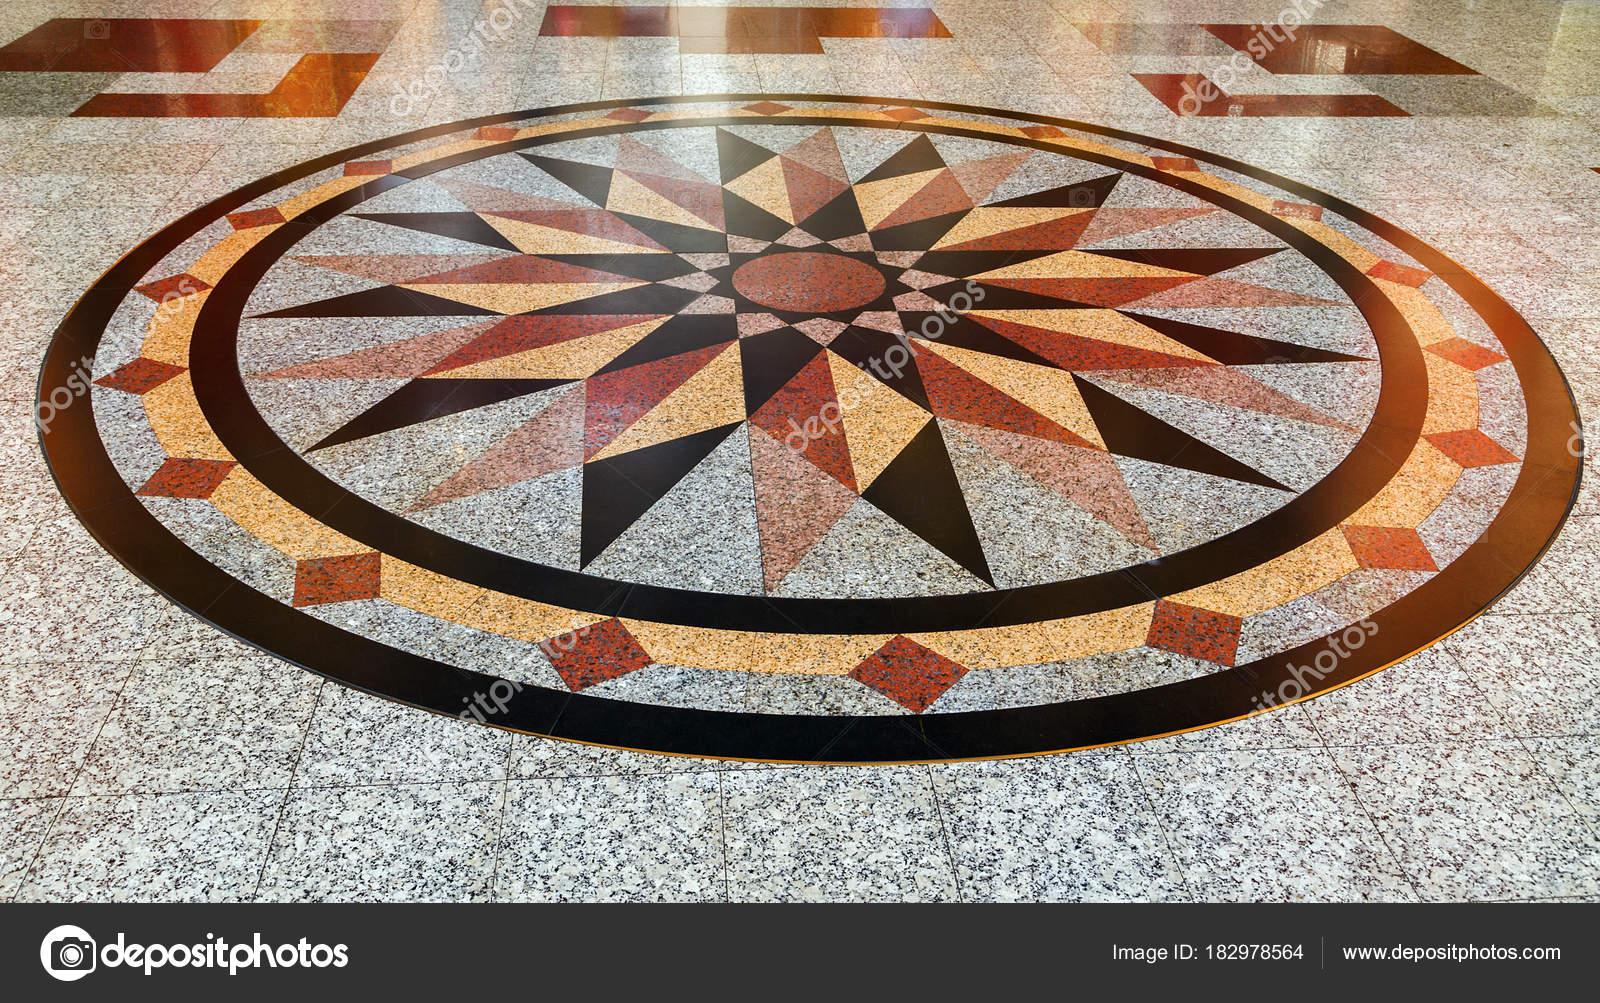 Struttura decorativa in marmo naturale piastrelle a mosaico piano